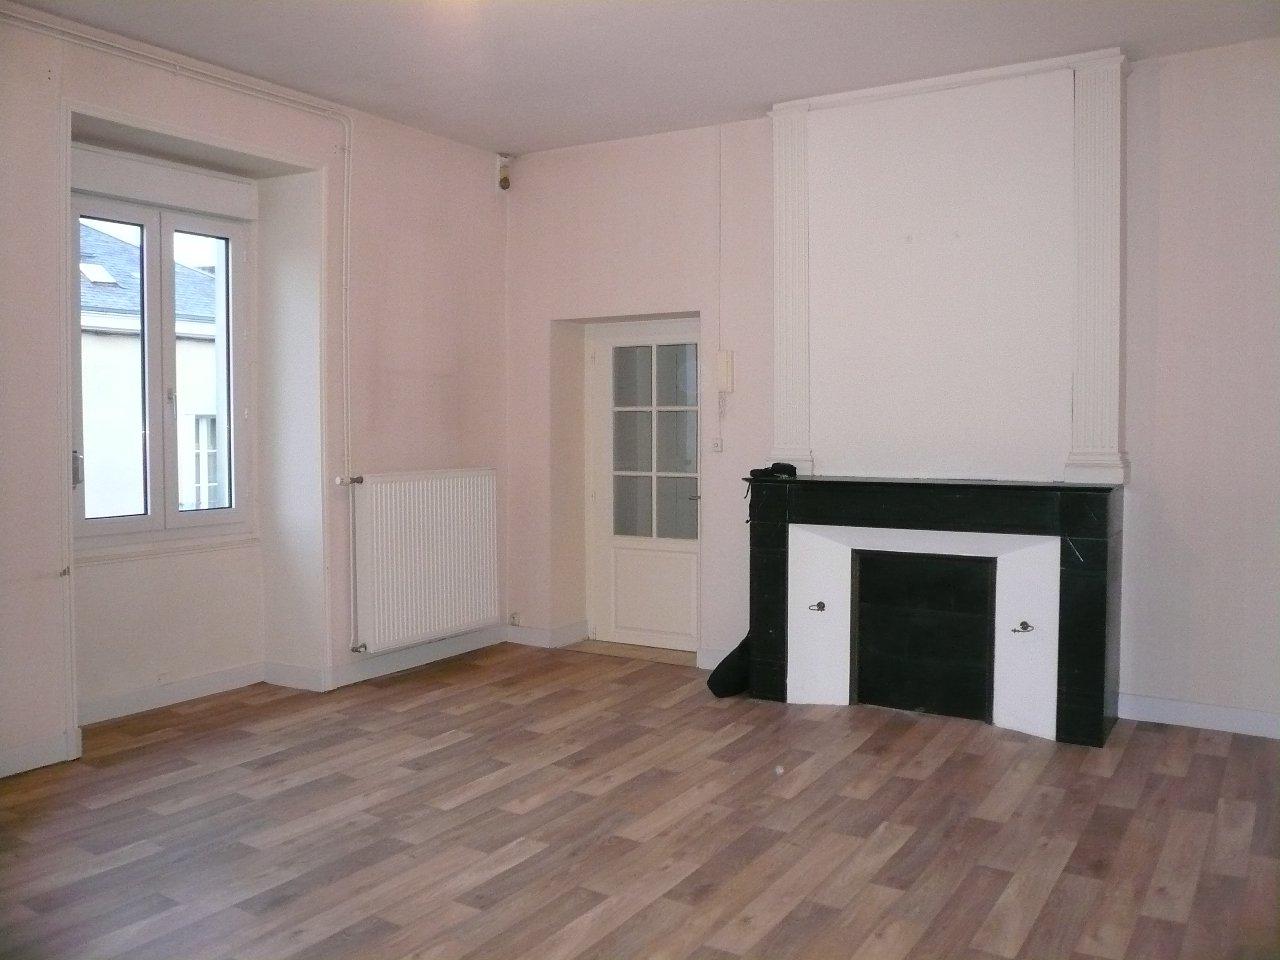 Appartement Thouars - 3 Pièce(s) - 91 m² (env.)